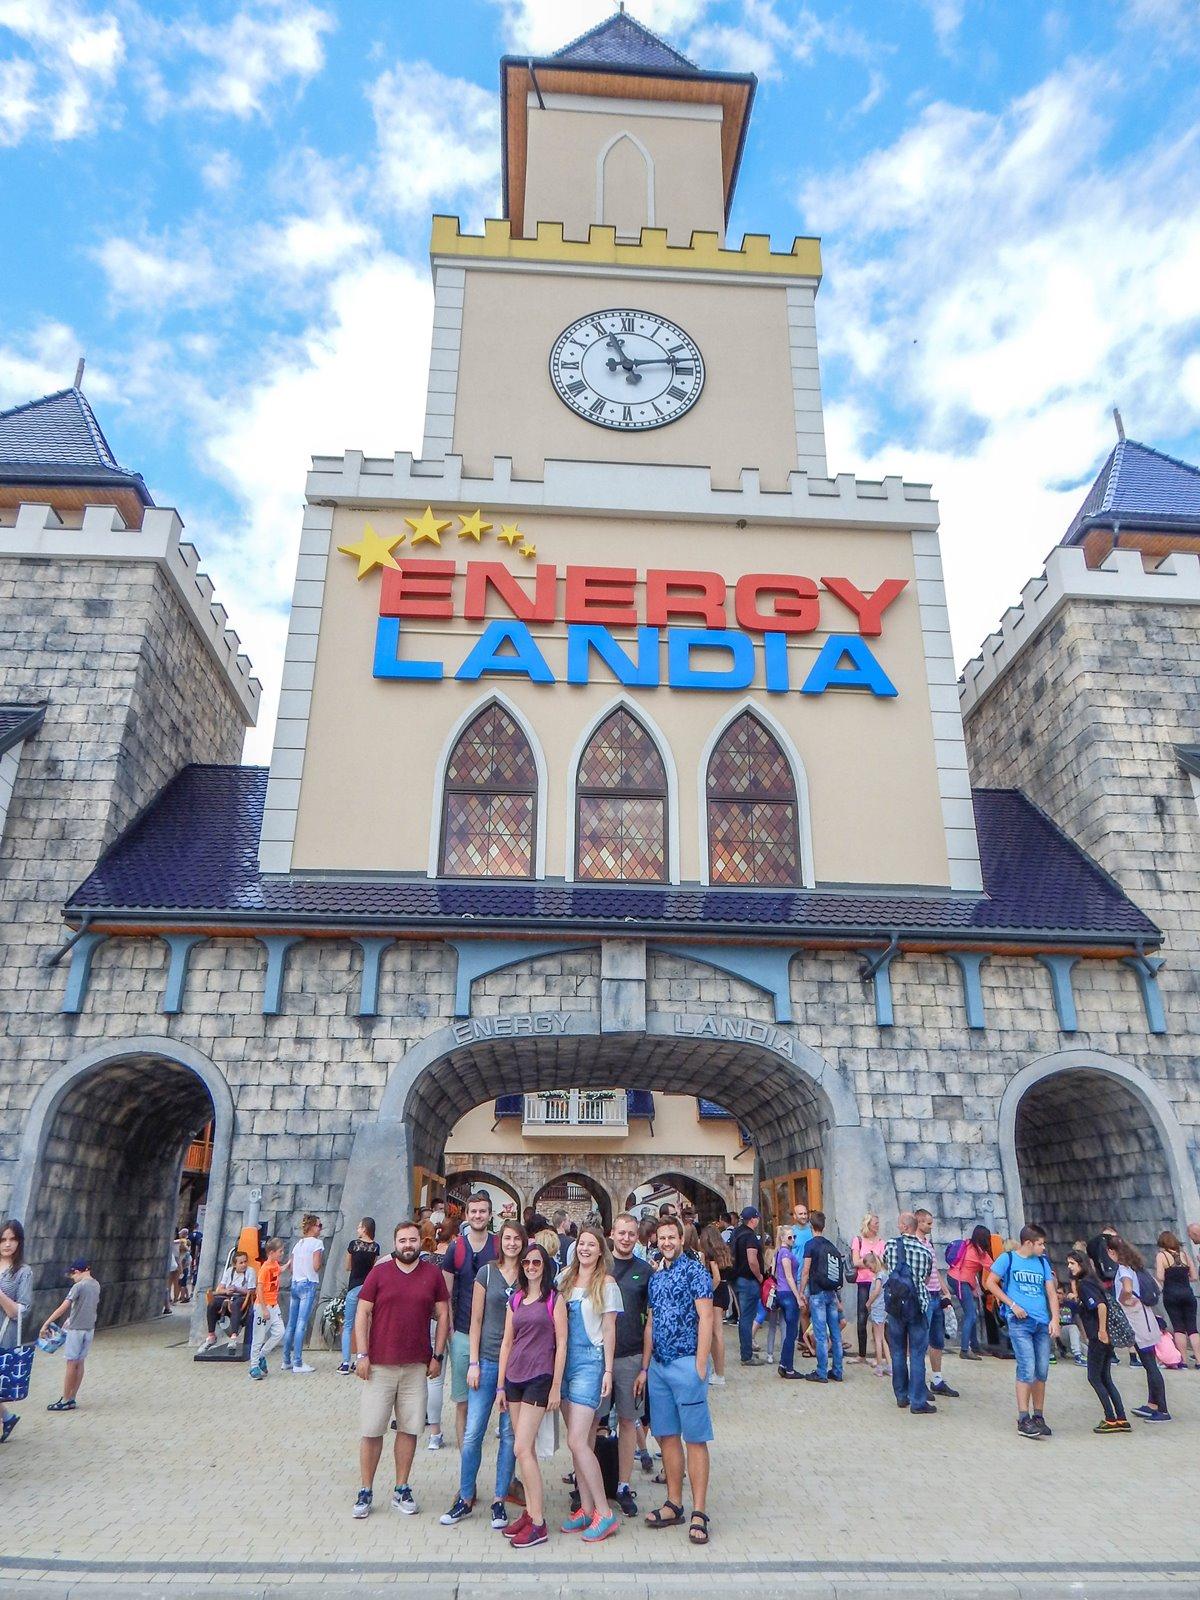 2 enerylandia atrakcje dla rodzin dla dzieci dla starszych czy warto ile kosztuje bilet jak dojechać recenzja opinie strach boję się roller coaster karuzele strefa wodna speed water coster pokazy lista